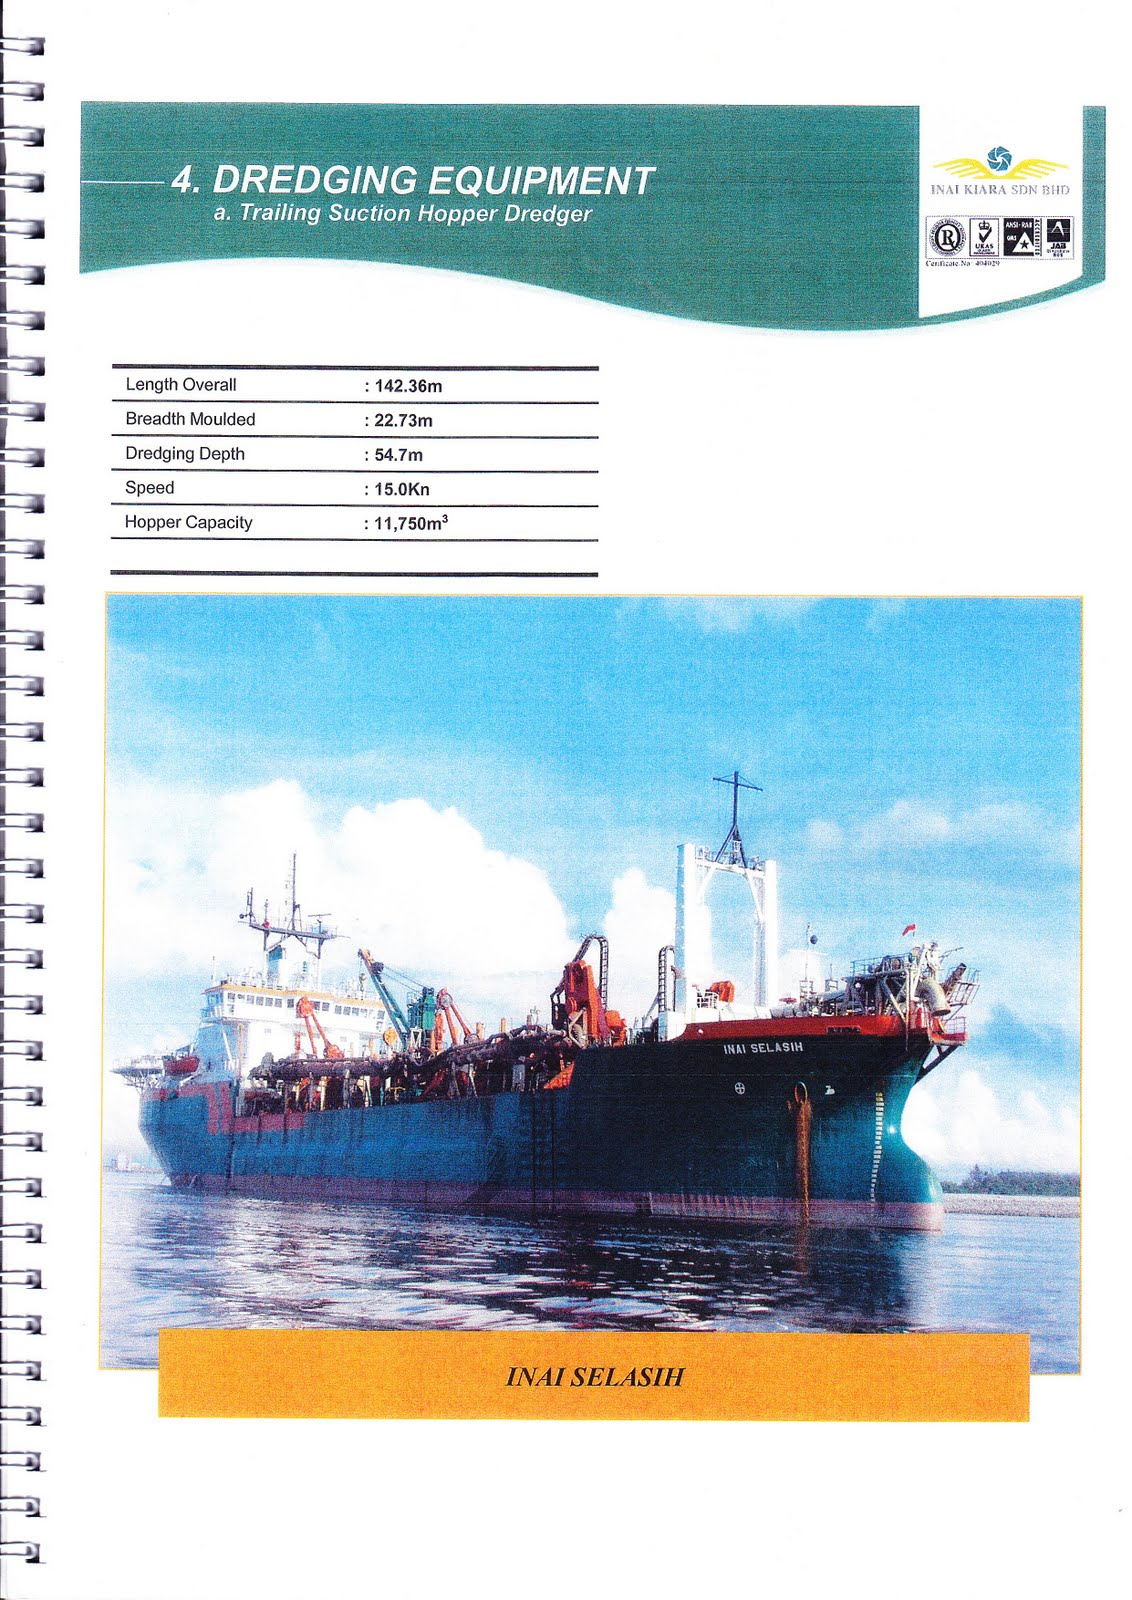 Inai Kiara Sdn Bhd One Of Inai Kiara TSHD Vessel FRAUD